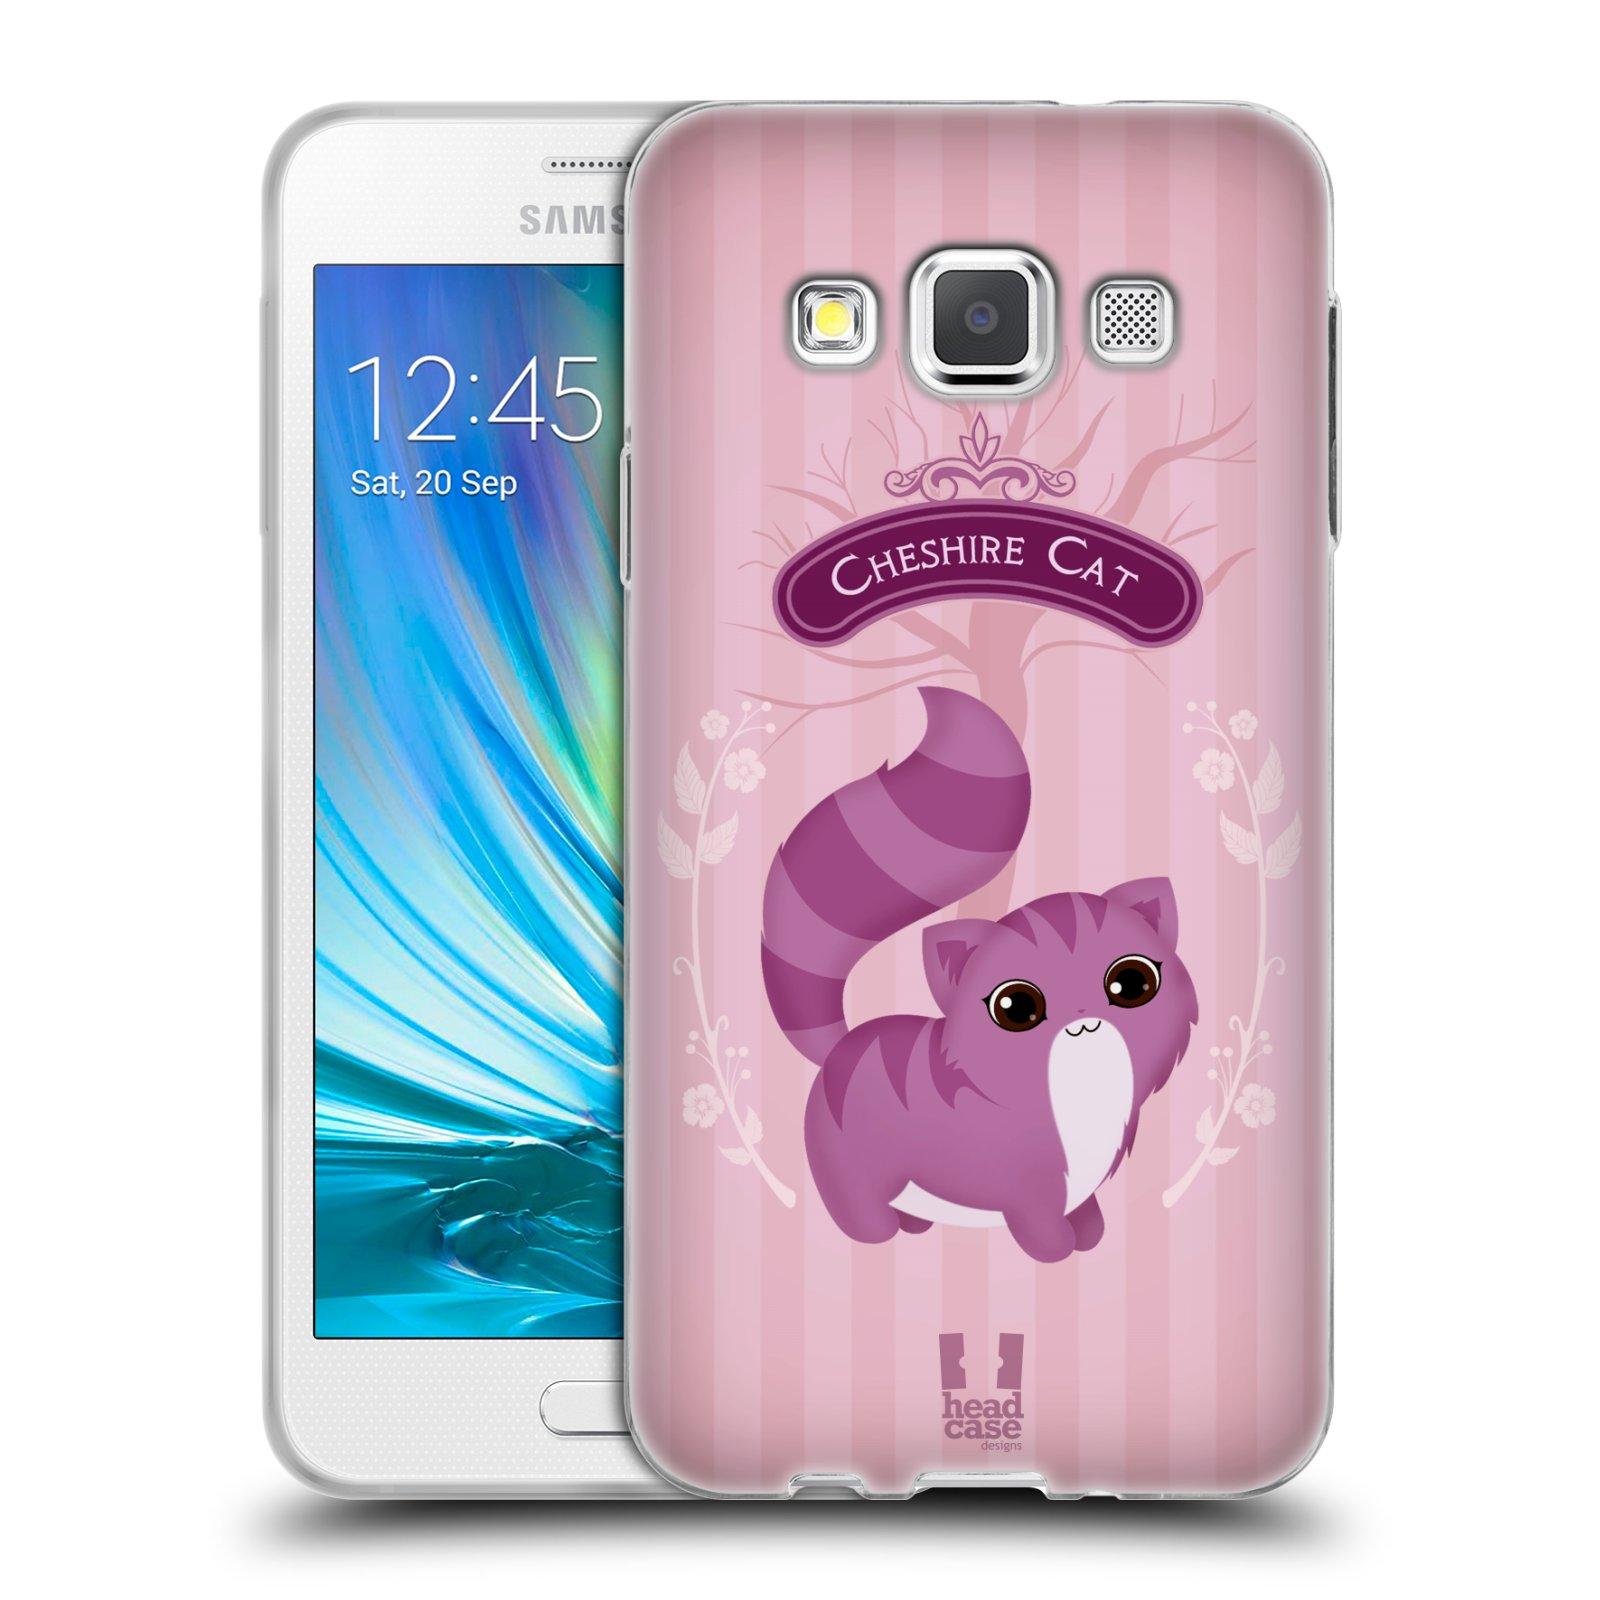 HEAD CASE silikonový obal na mobil Samsung Galaxy A3 vzor Alenka v říši divů kočička